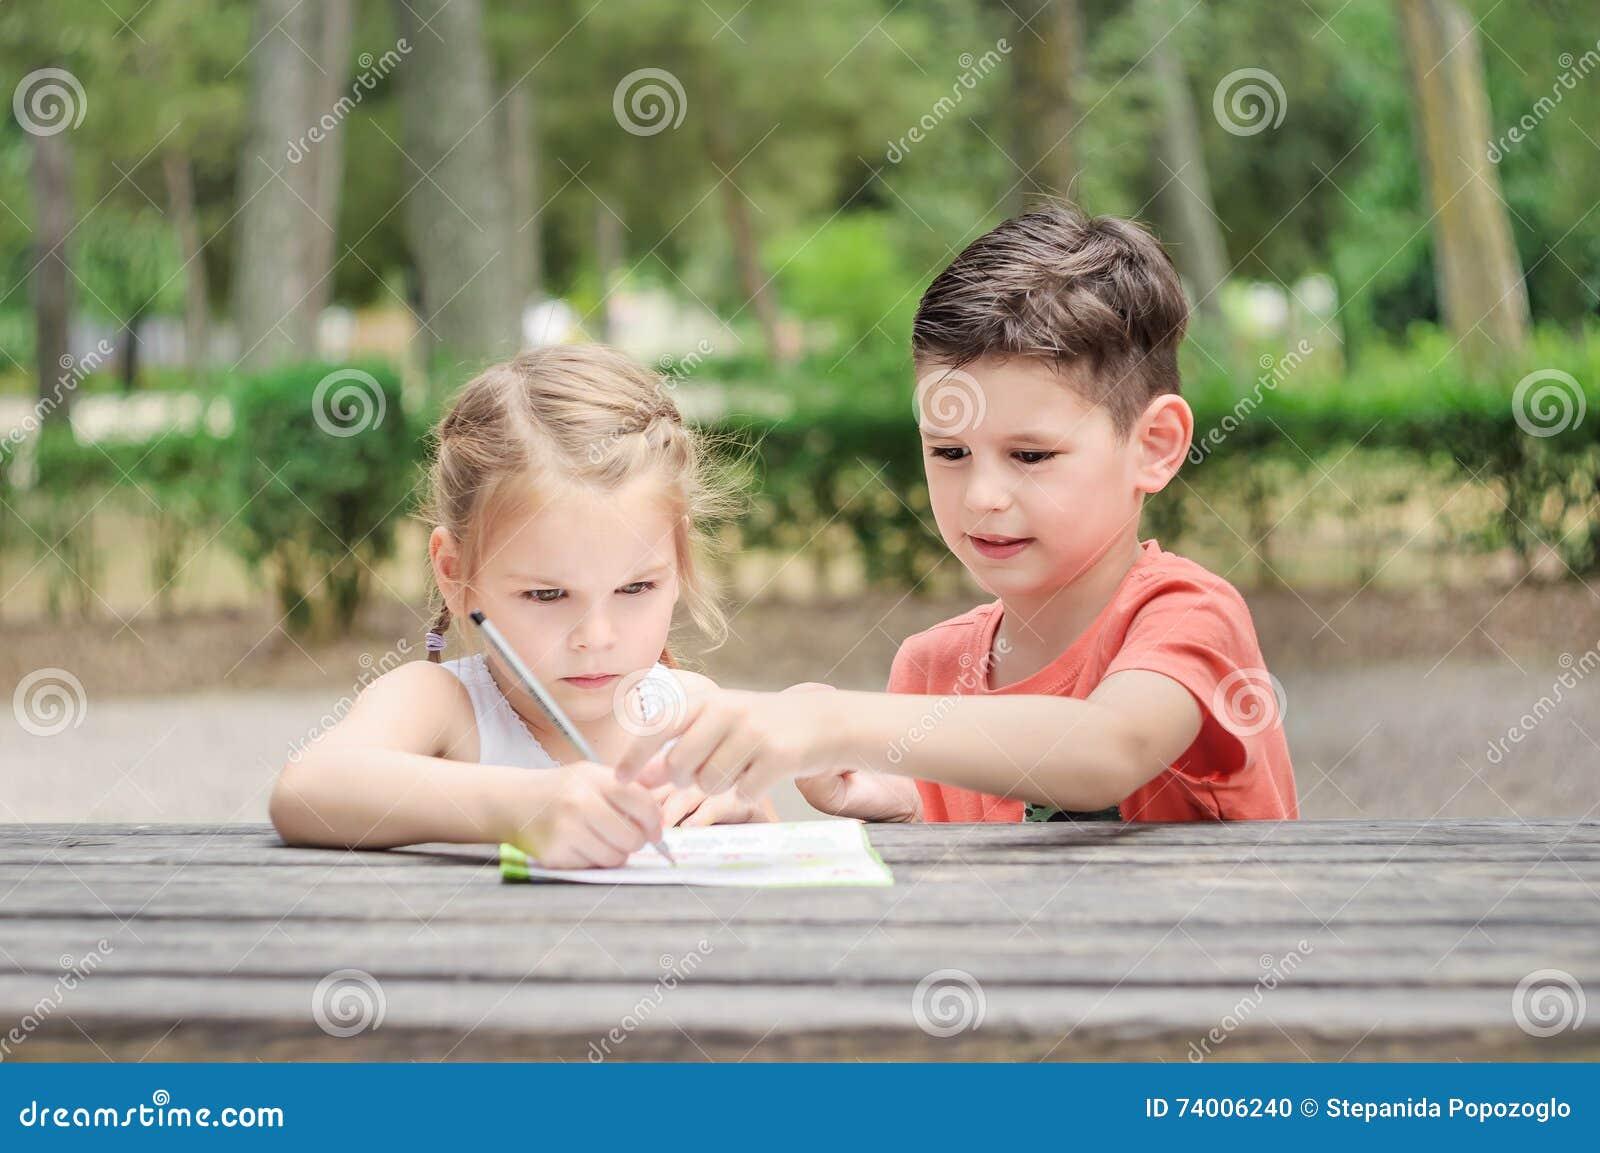 De Hapyjonge geitjes leren in een park De broer en de zuster doen samen j